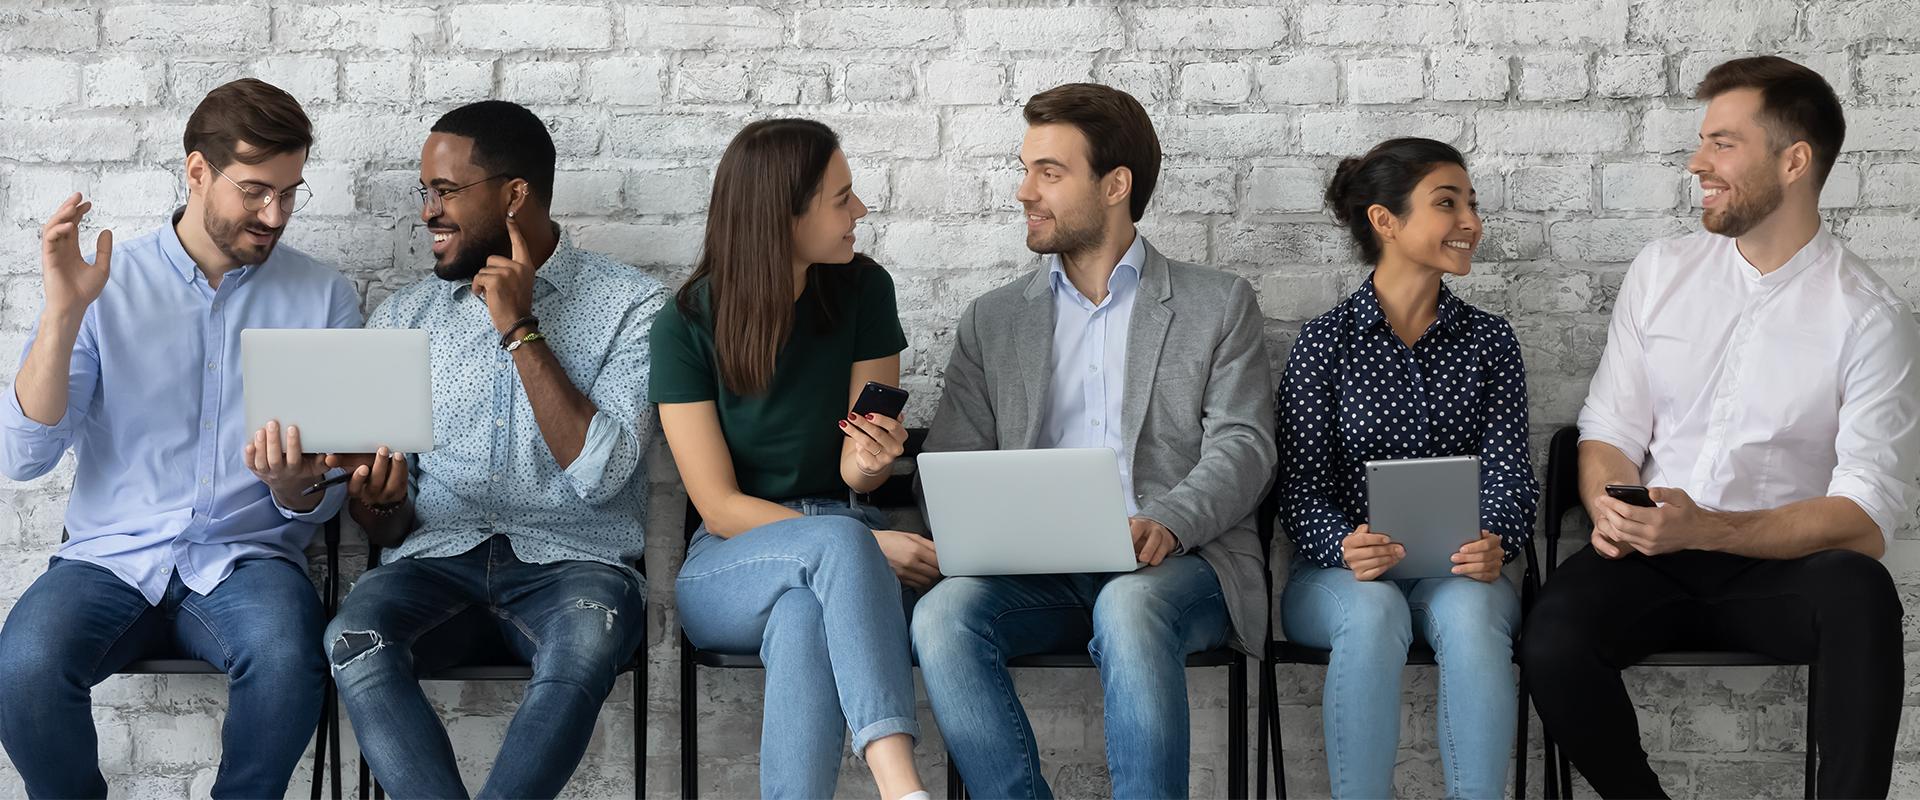 Junge Menschen auf Stühlen vor Wand mit Laptop und Handy